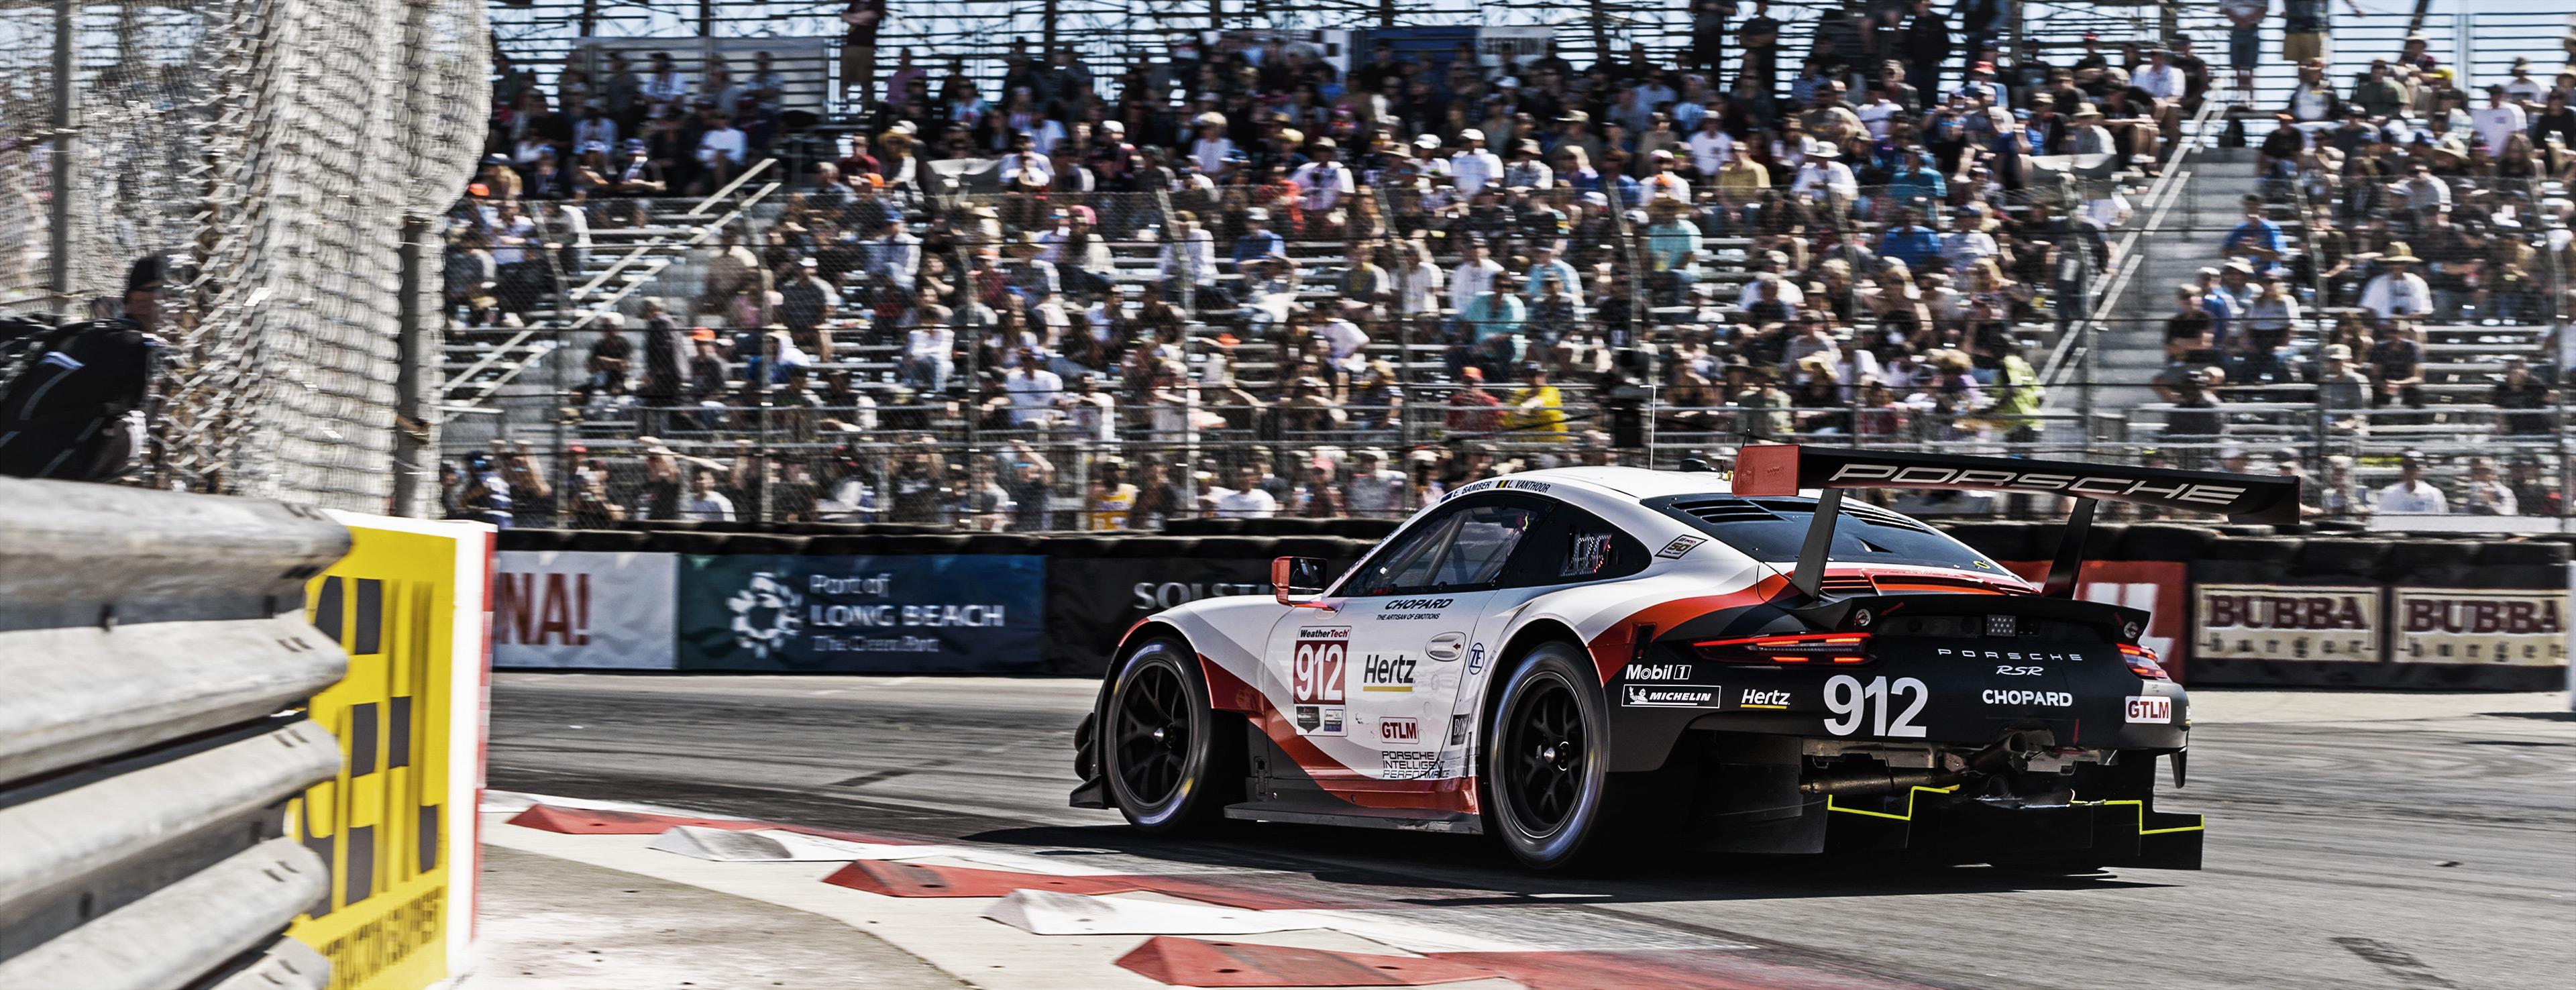 Porsche Long Beach >> Porsche Bubba Burger Sportscar Grand Prix At Long Beach